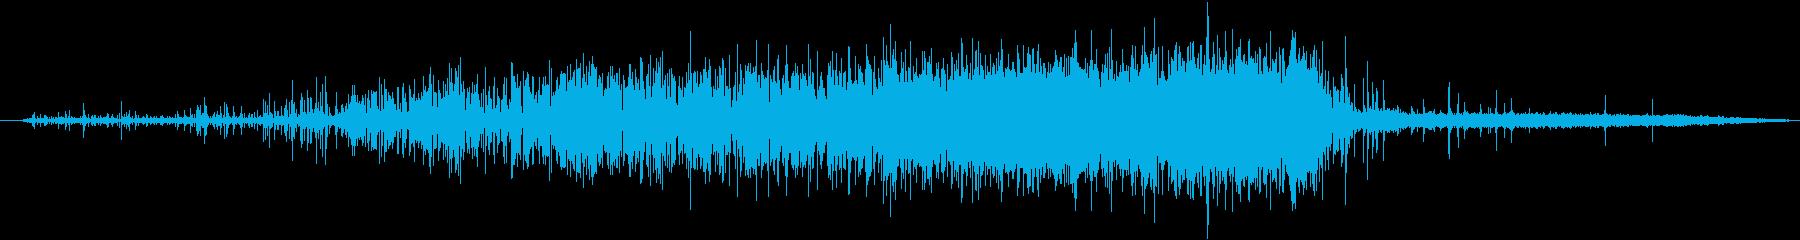 レストランエスプレッソマシン:スロ...の再生済みの波形